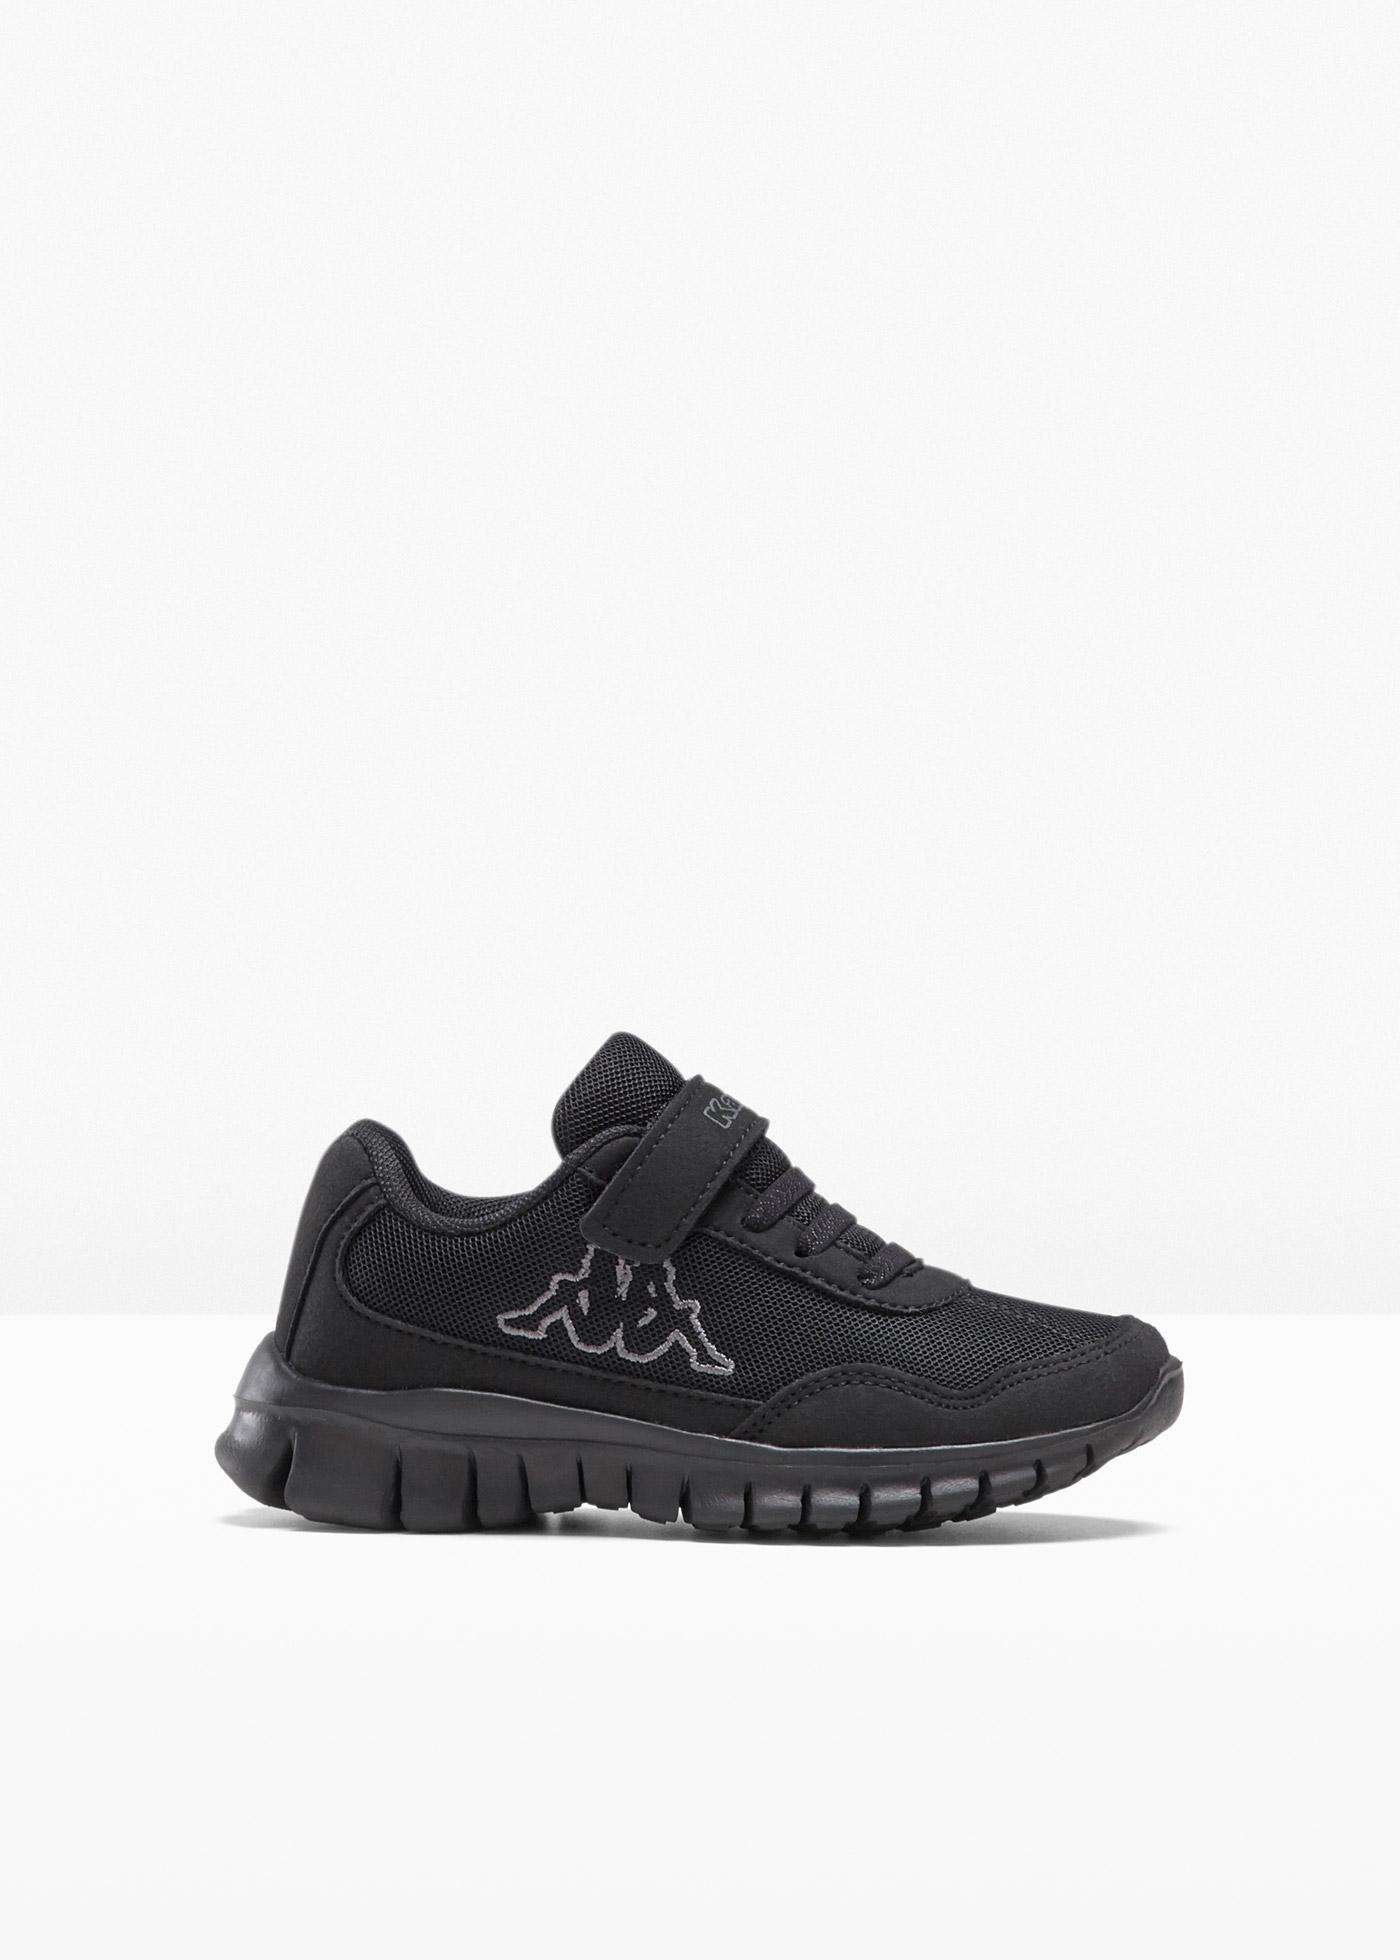 Kappa Kinder Sneaker